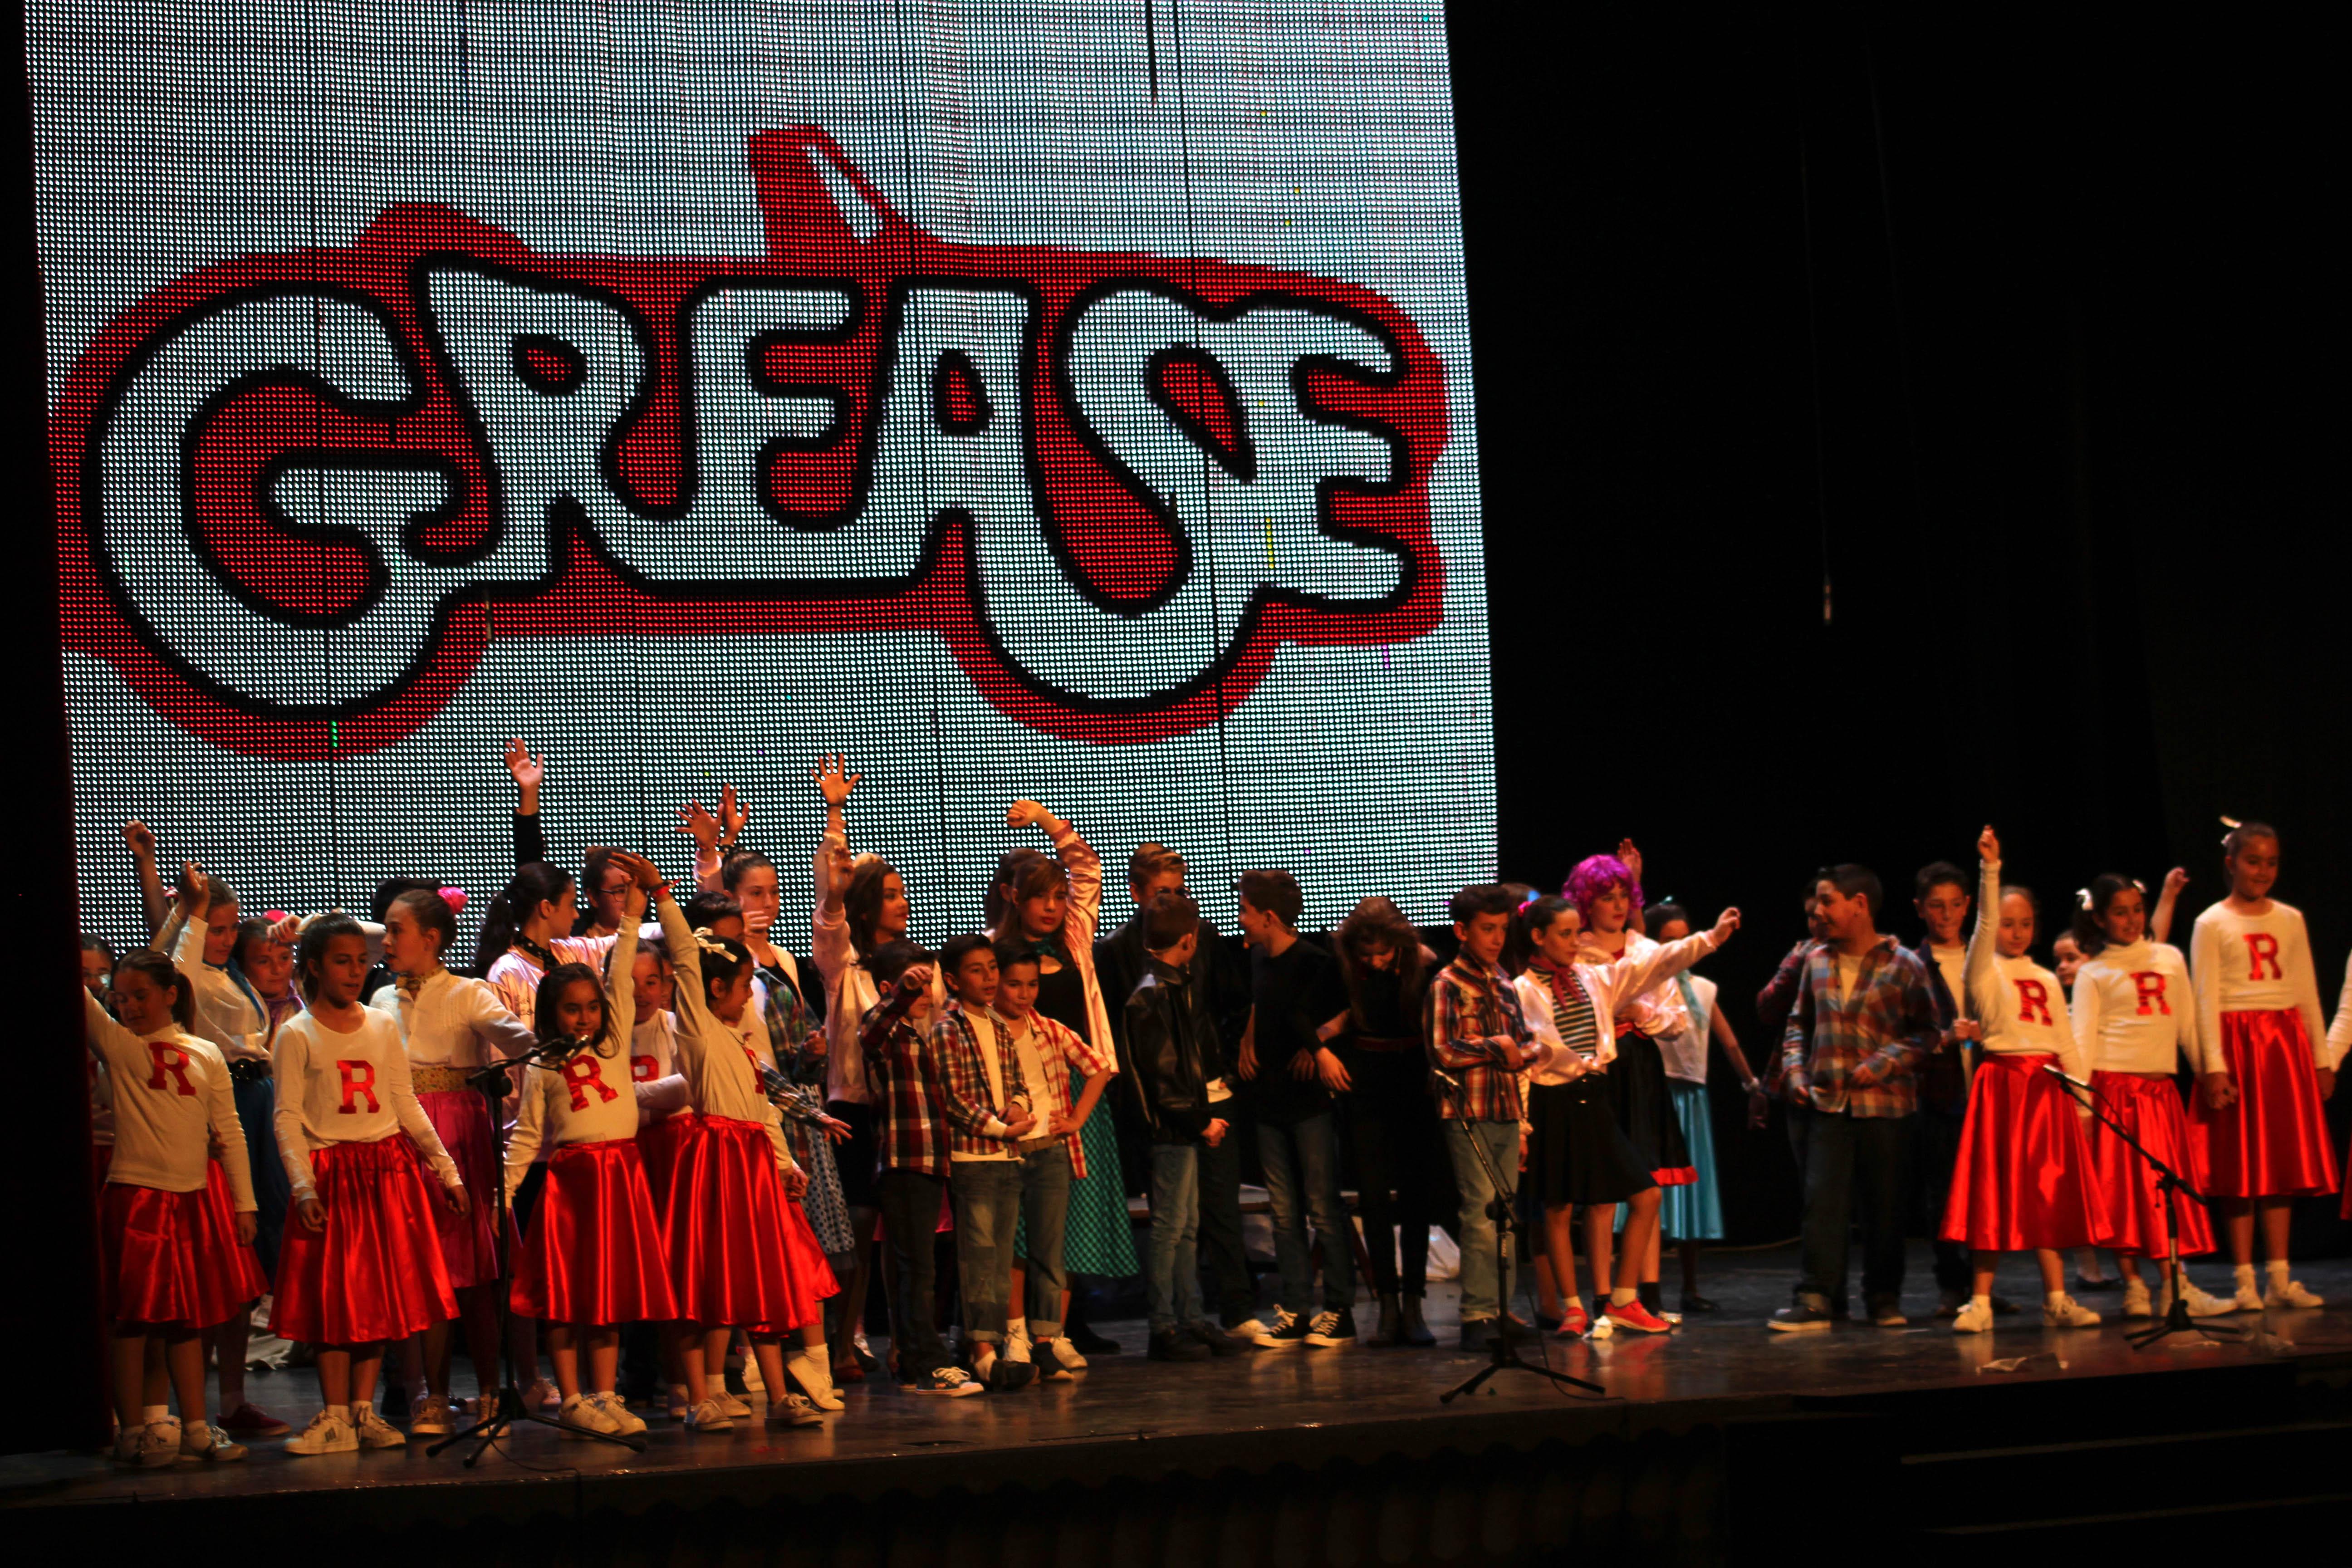 III Jornadas Intergeneracionales que promueve la concejalía de Educación: el musical Grease, a cargo del alumnado del C.E.I.P. Vicente Blasco Ibáñez.